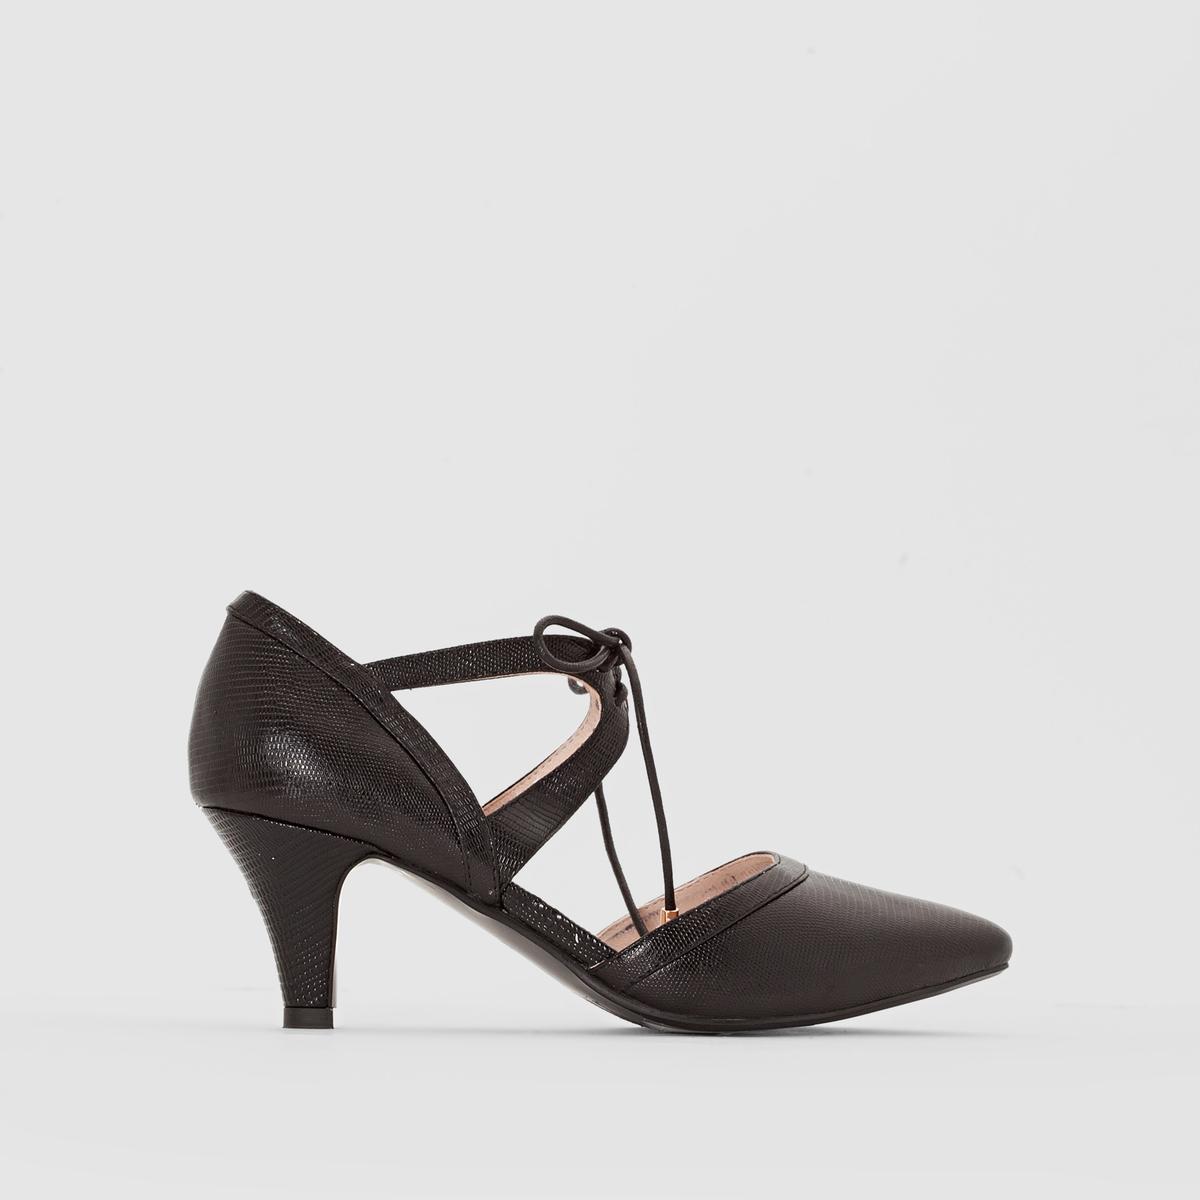 Туфли с металлическим отливом из кожиТуфли Anne Weyburn, на шнуровке.Верх : лакированная кожаПодкладка : кожа  Стелька : кожа на пористой основеПодошва : из эластомераВысота каблука : 8 см<br><br>Цвет: черный<br>Размер: 40